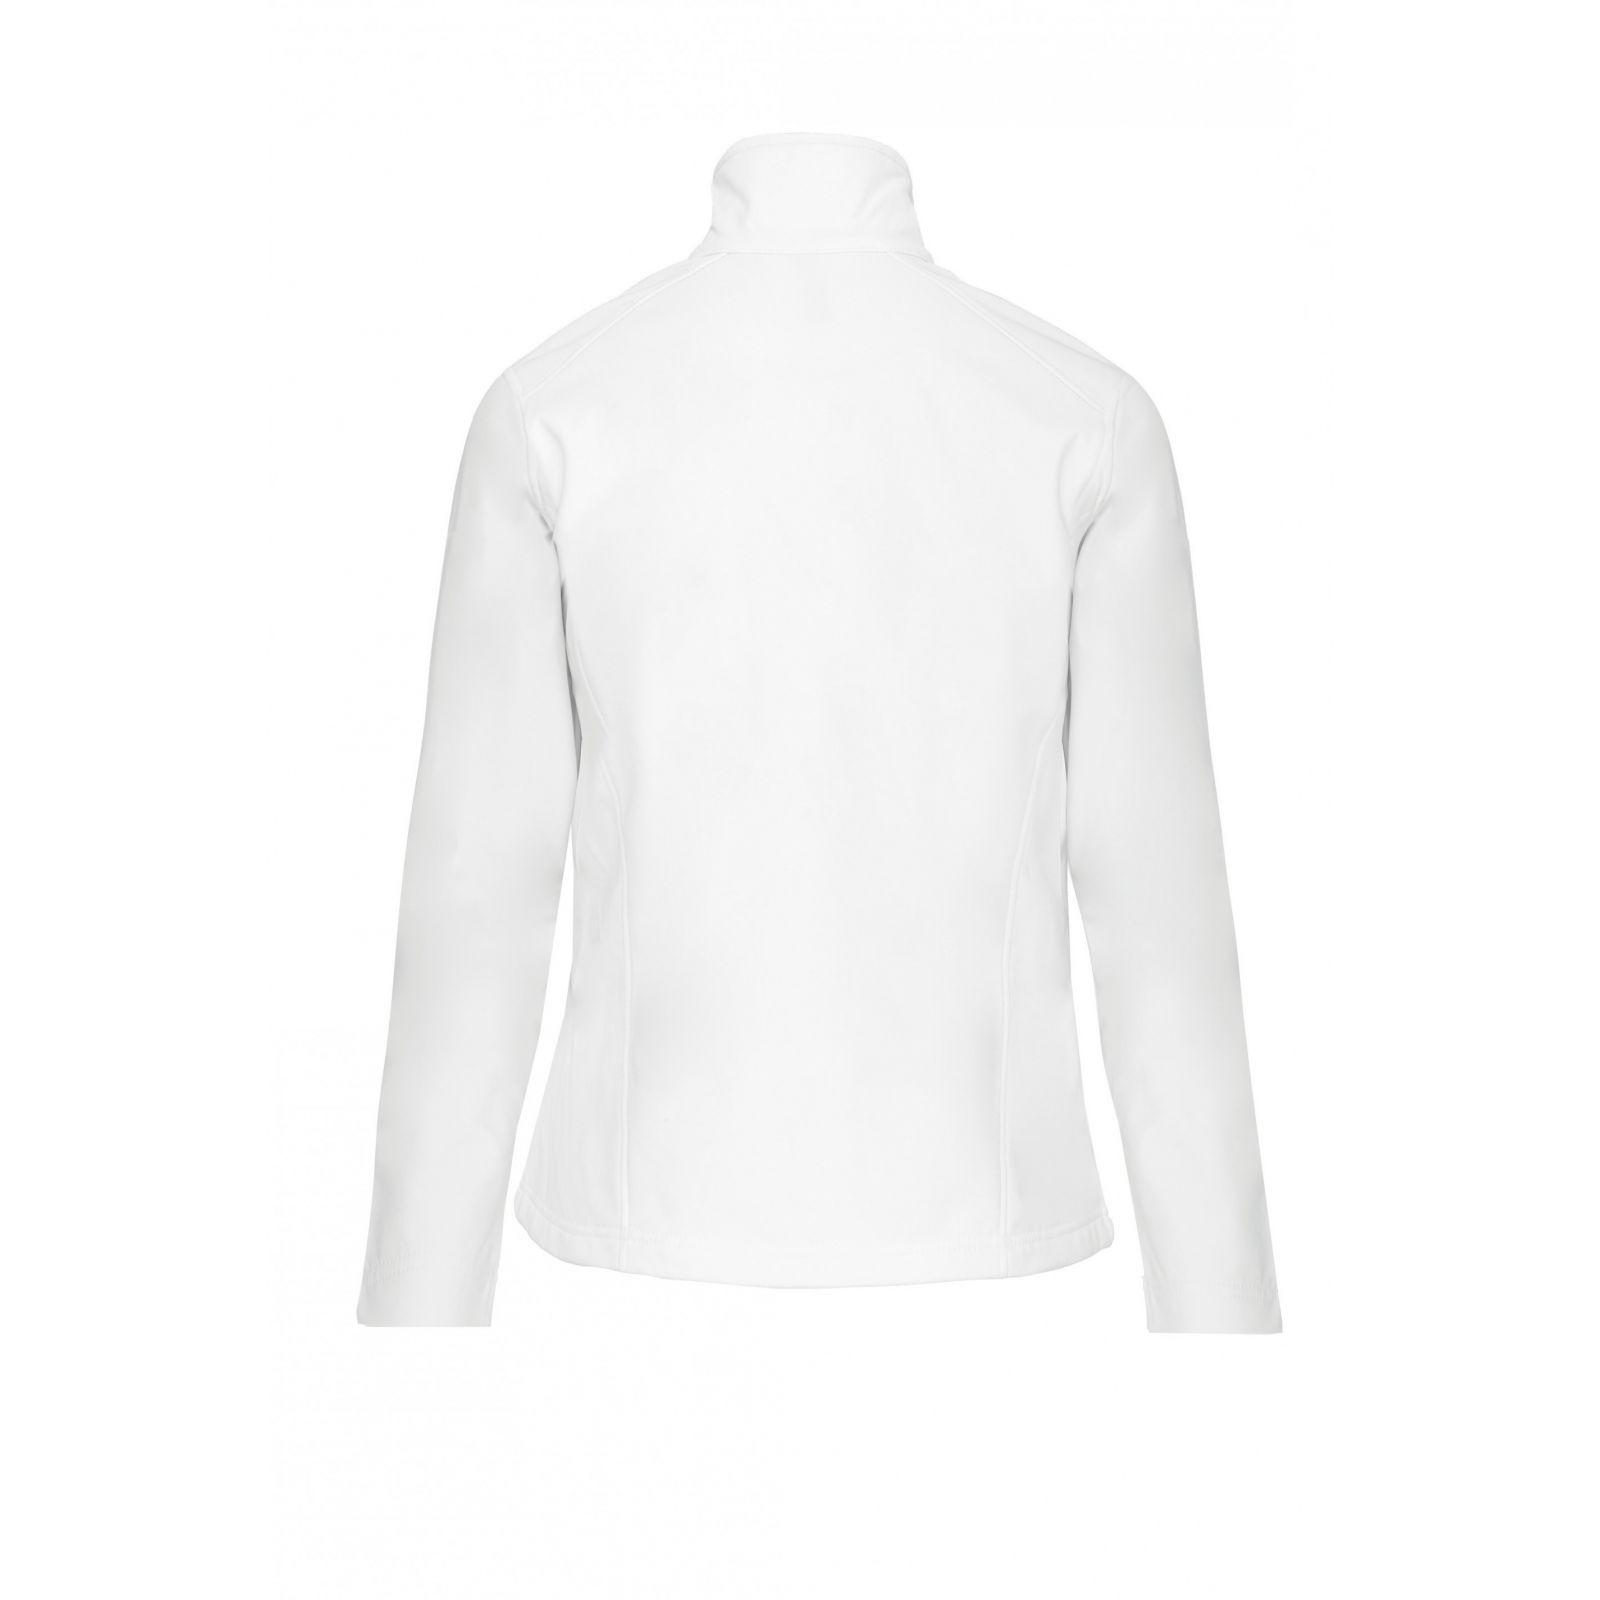 Women's Softshell Sleeveless Softshell Jacket (K404)